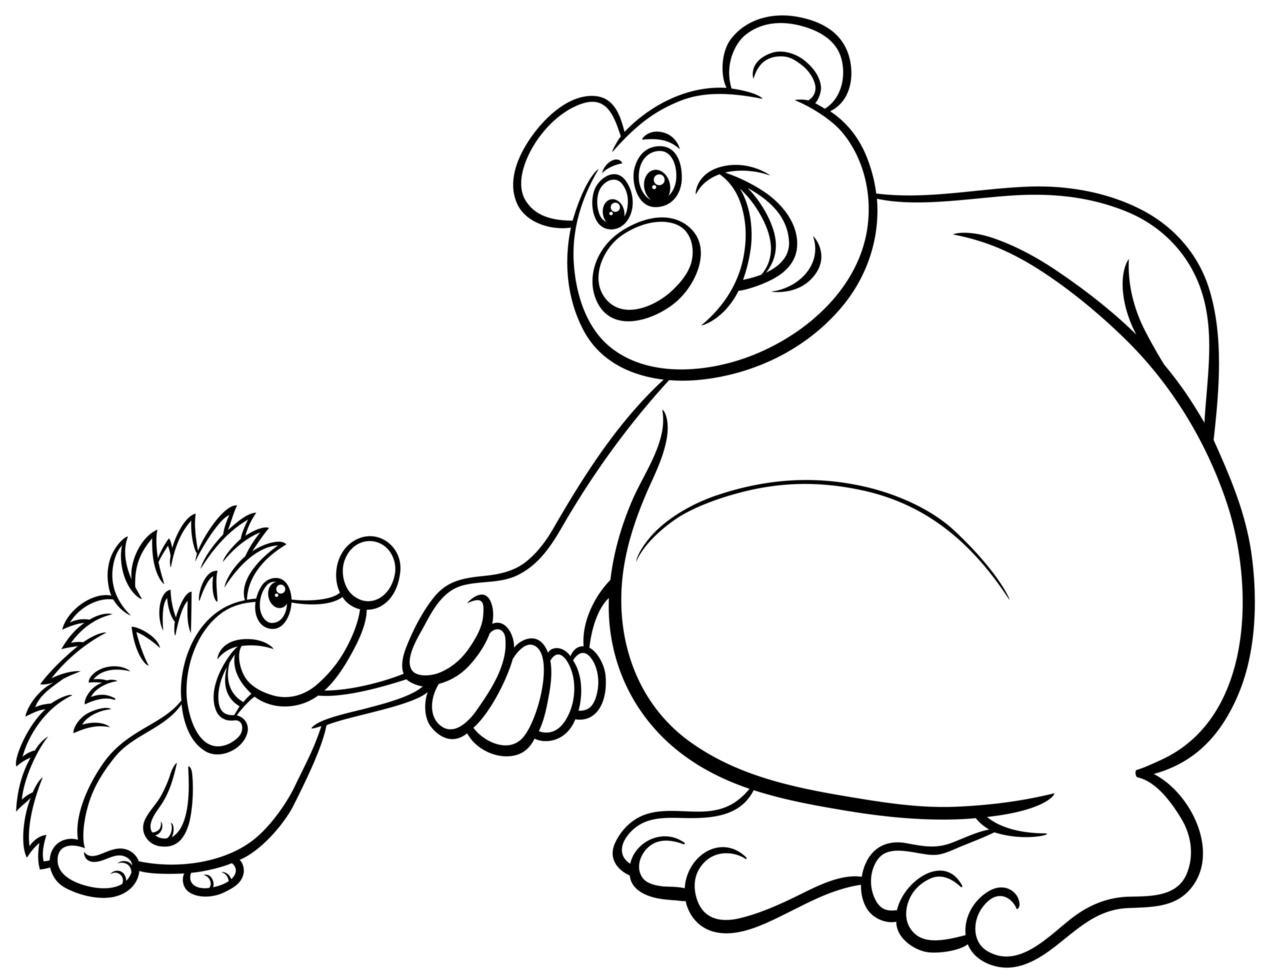 ours et hérisson dessin animé animaux page de livre vecteur